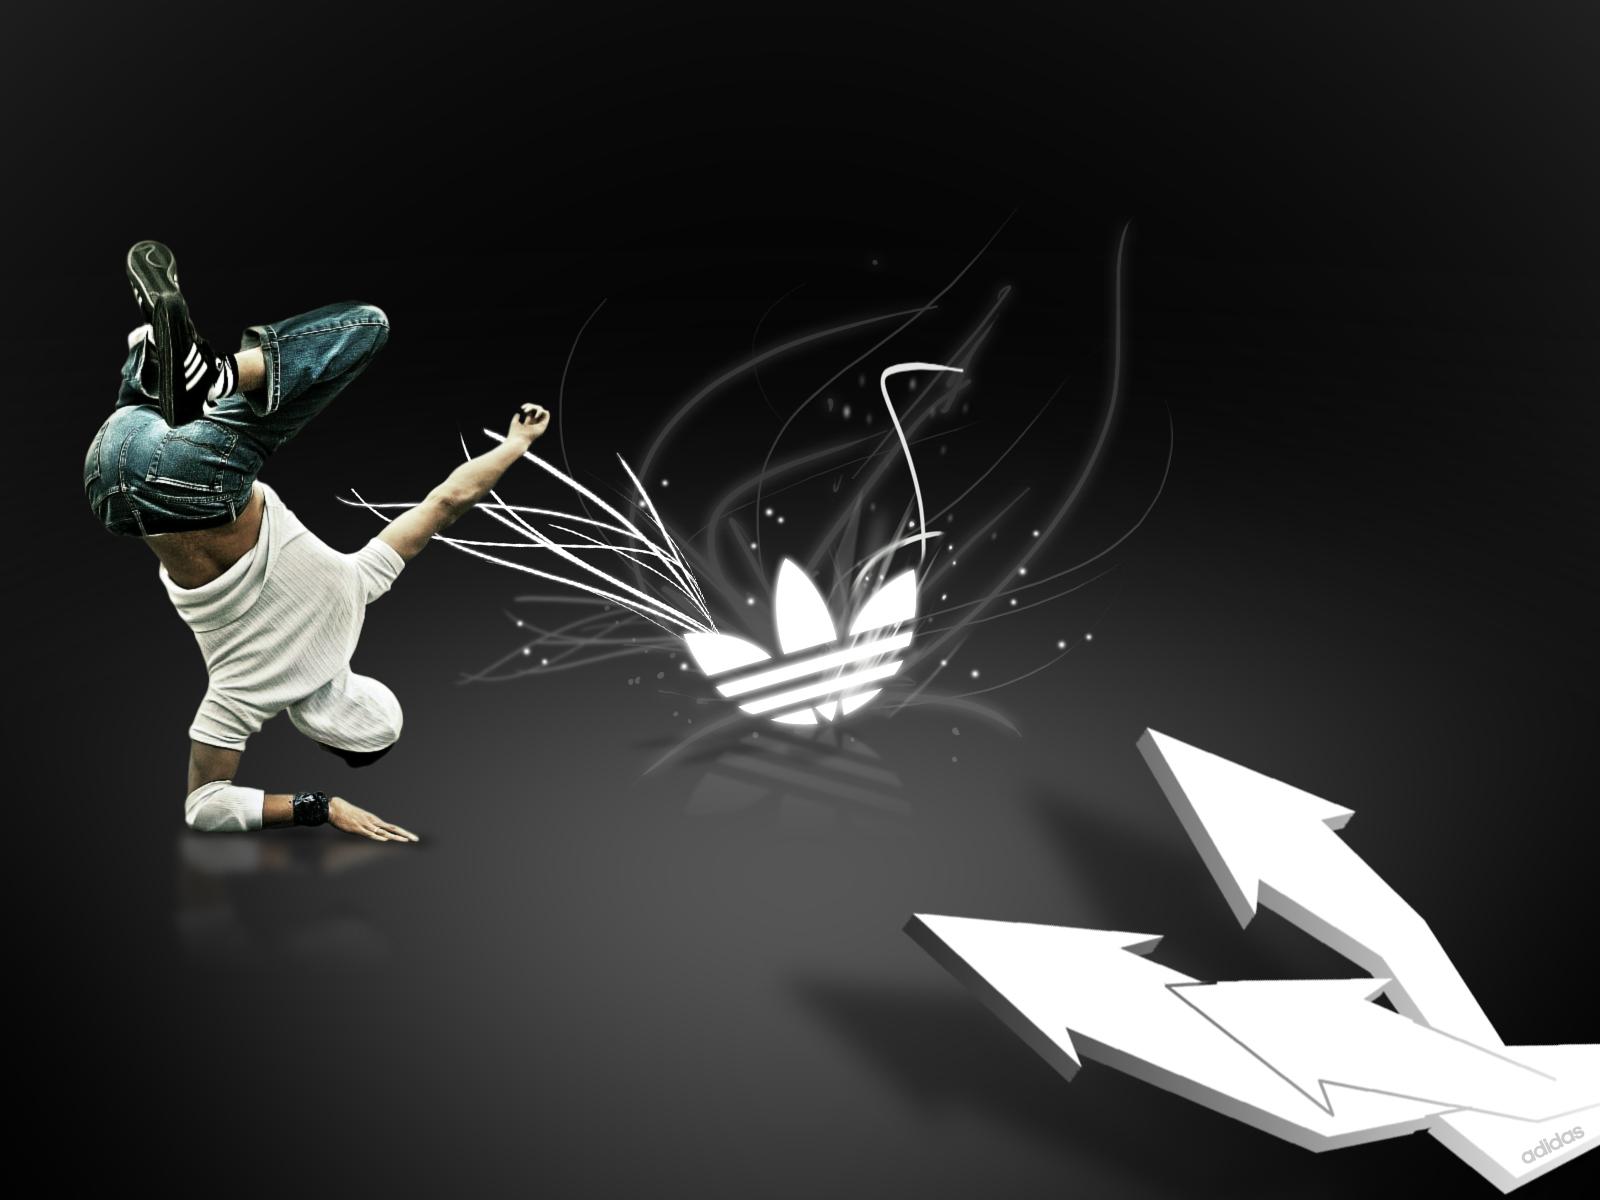 http://3.bp.blogspot.com/-6HLpXn25o1Q/Th5F7UuqggI/AAAAAAAAAA4/4Z7U8lQWoMA/s1600/Adidas_B_boy_by_kosepa.jpg